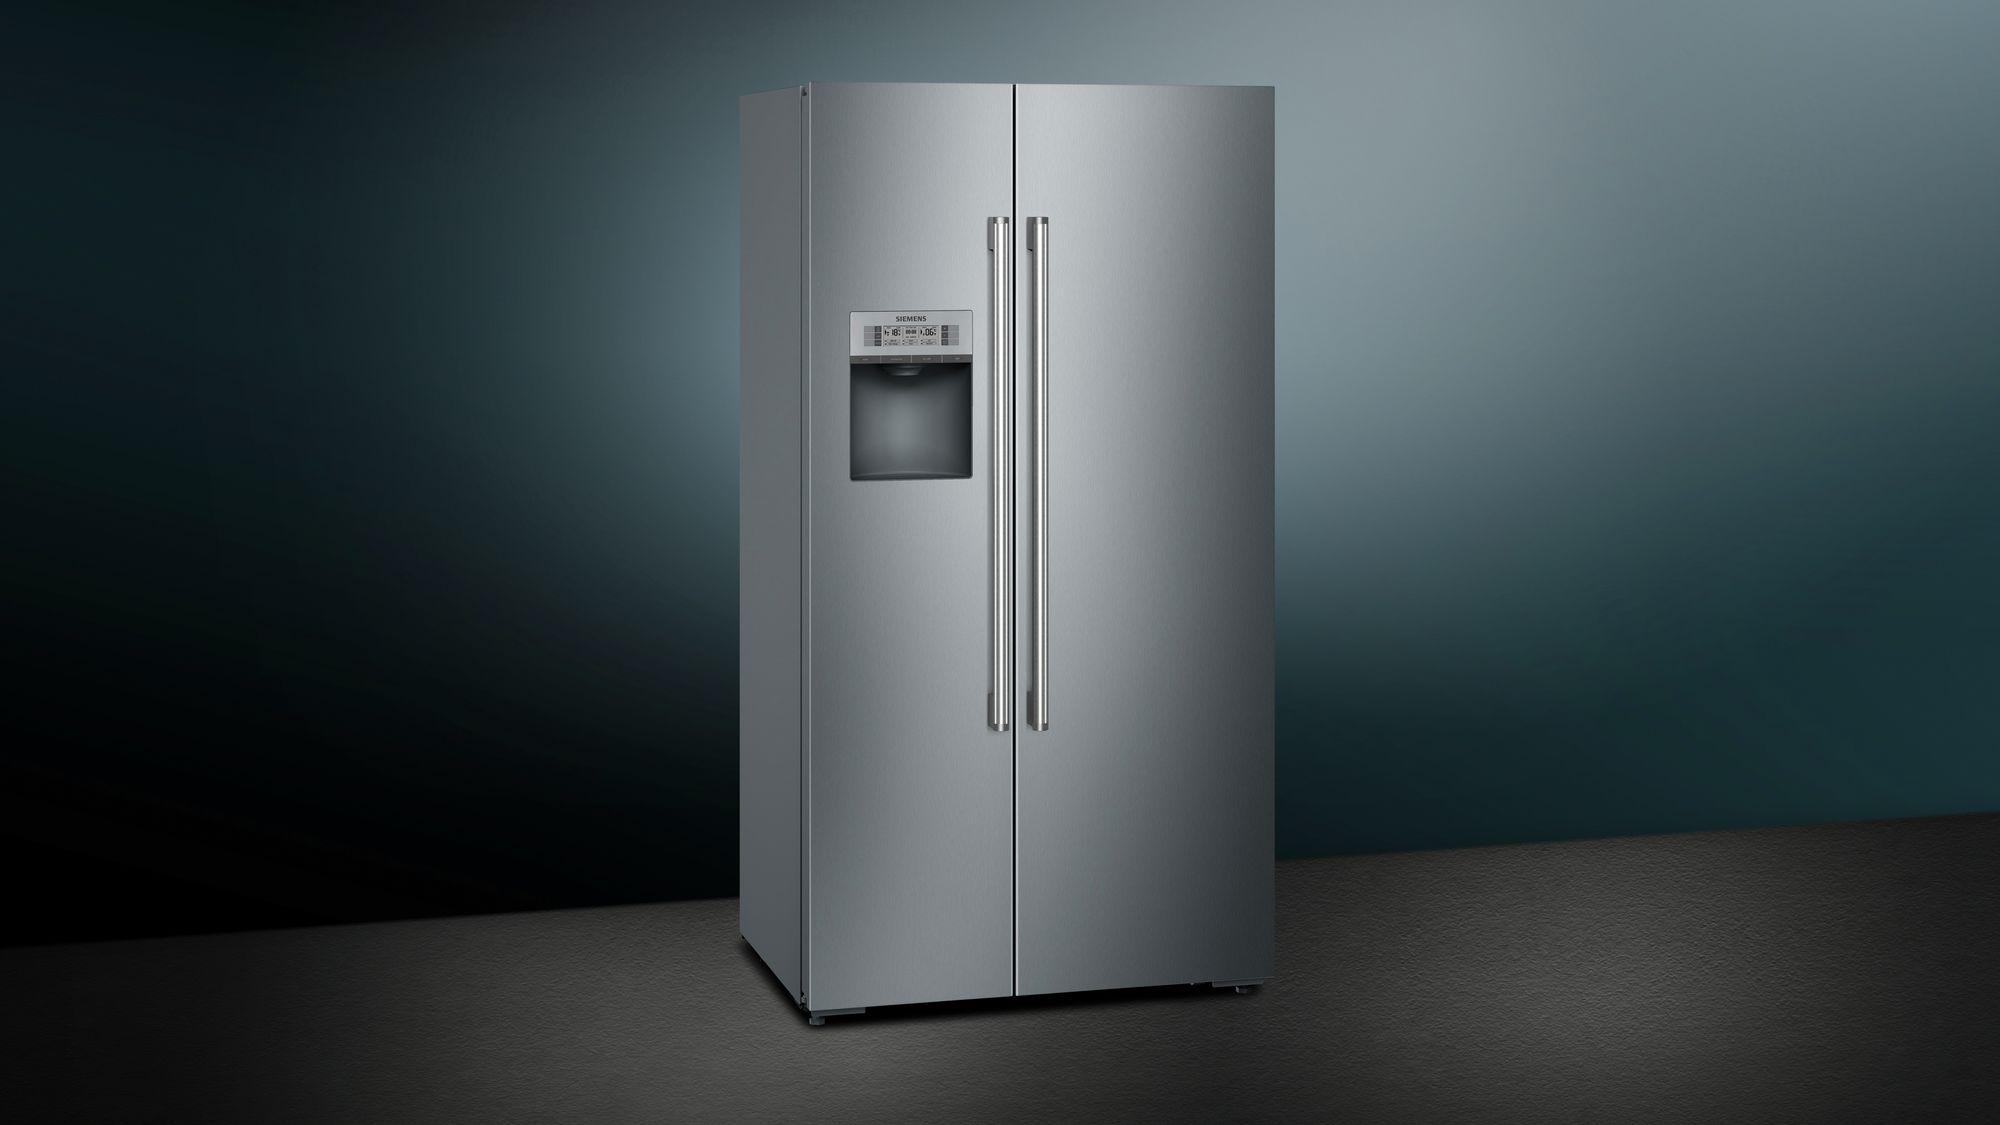 Side By Side Kühlschrank 5 Jahre Garantie : Siemens set side by side kühl gefrierkombination edelstahl